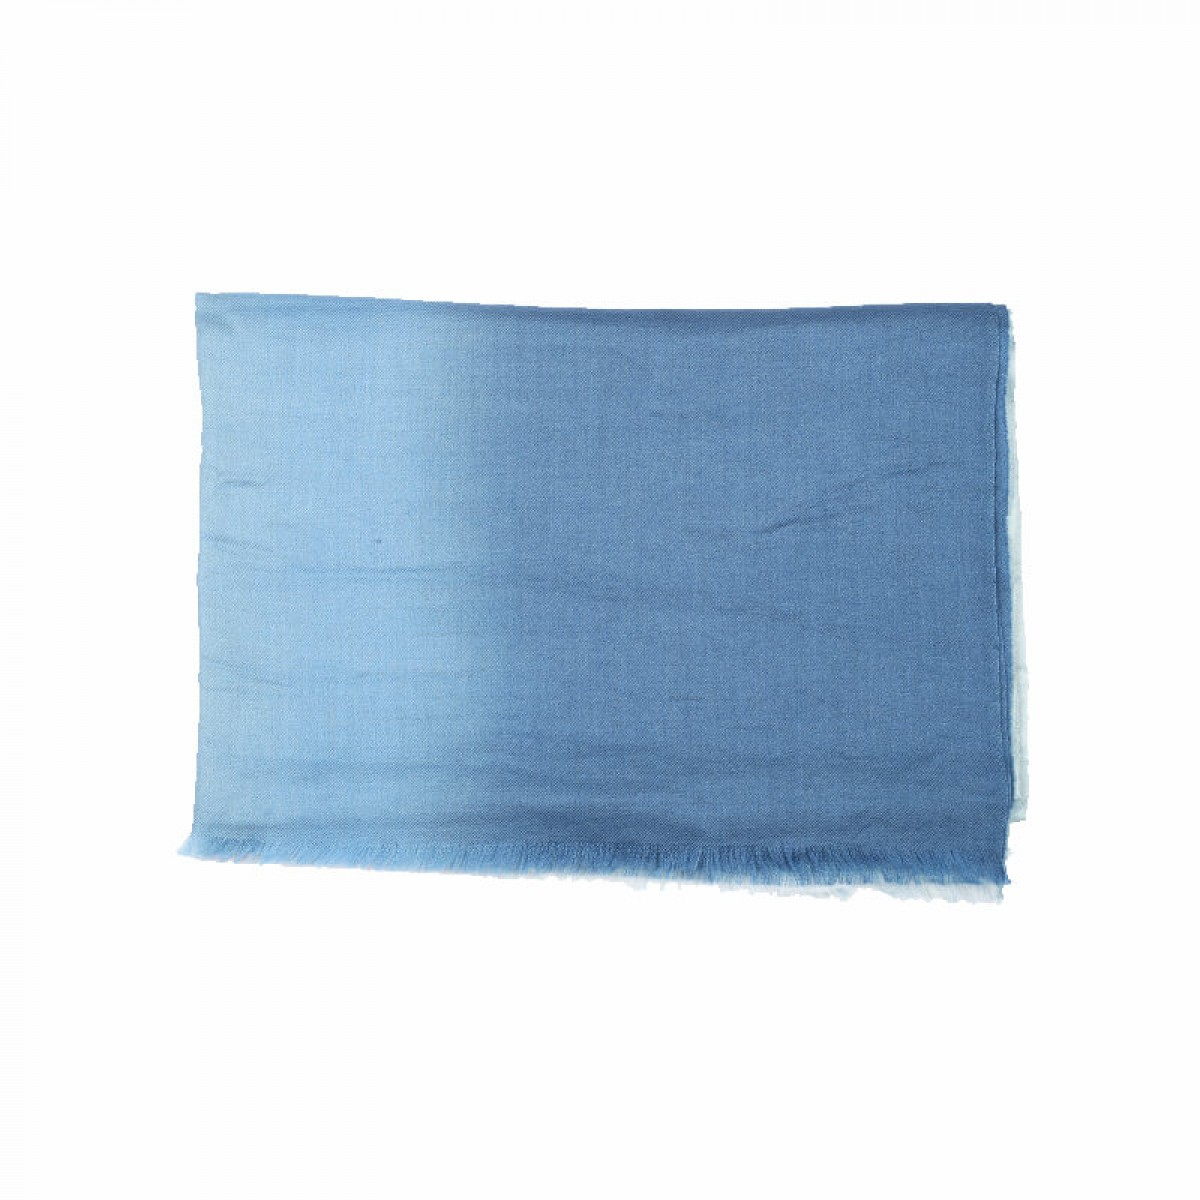 Ombre Pashmina Stole - Blue